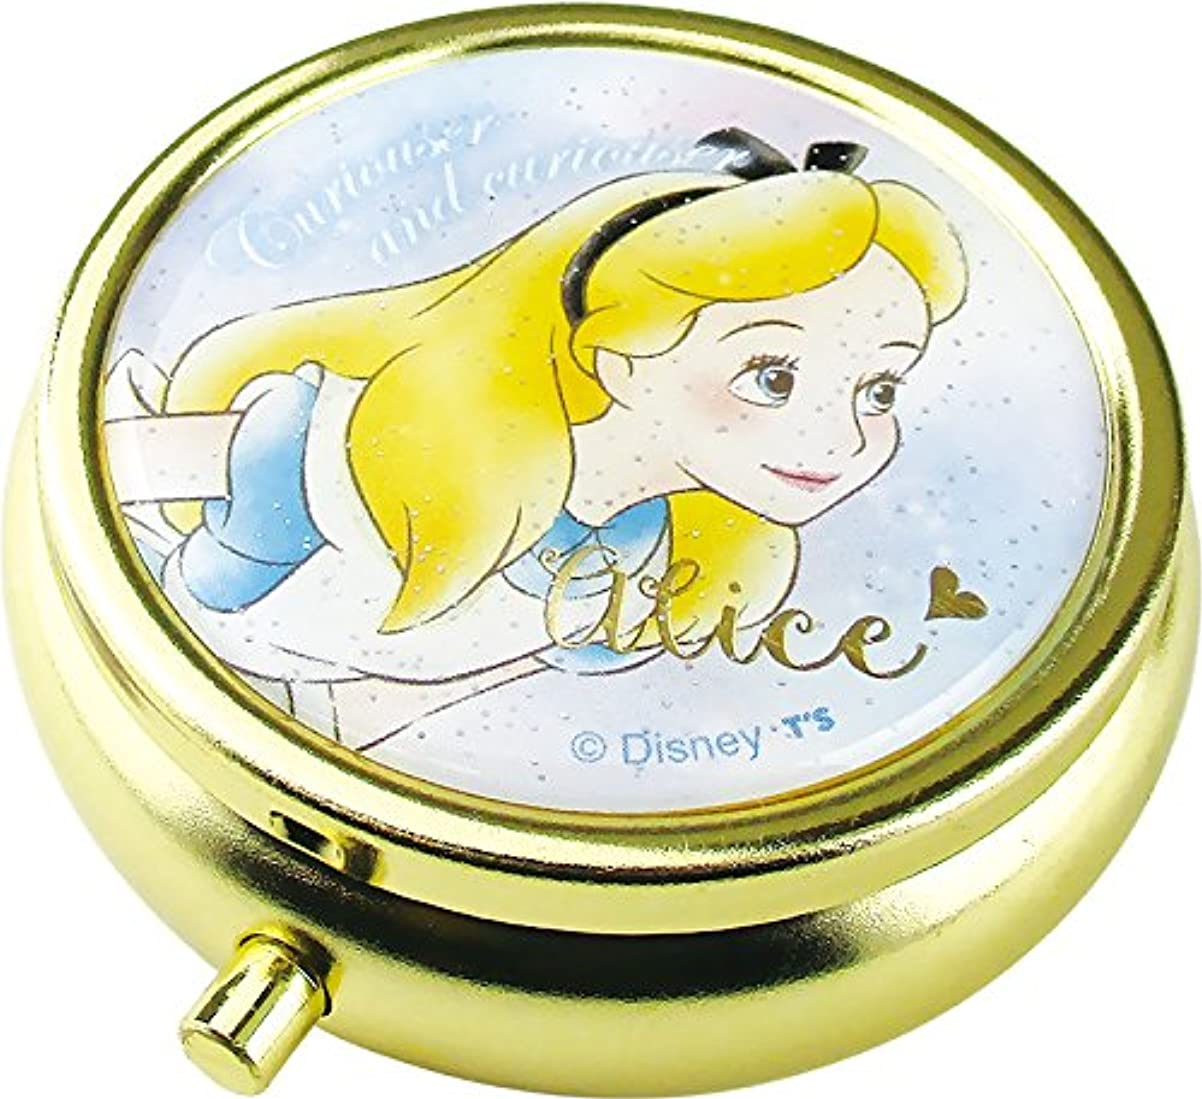 静かな世界の窓性交ティーズファクトリー Disney アリス ミニ小物ケース ミラー、仕切り付き  ディズニー 不思議の国のアリス DN-5522314 AC 073337